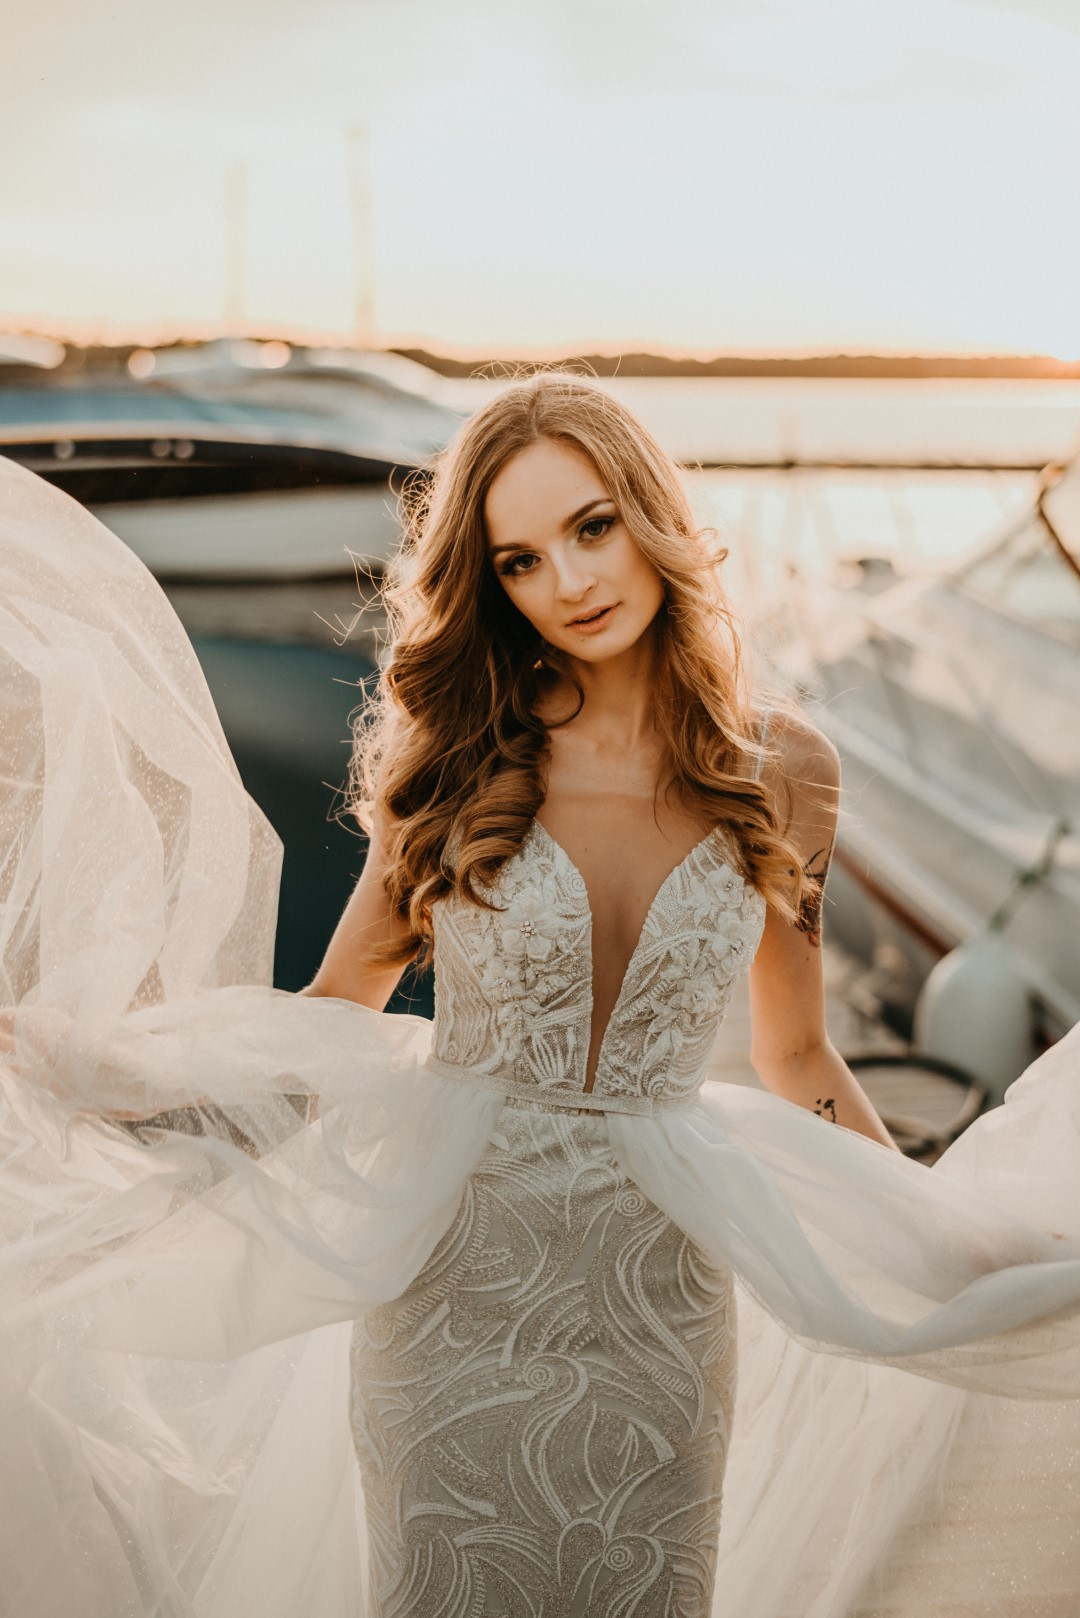 ślub humanistyczny na Mazurach, sesja zdjęciowa, sesje nad ejziorem, zachód słońca, panna młoda, mazury, madonna suknie ślubne